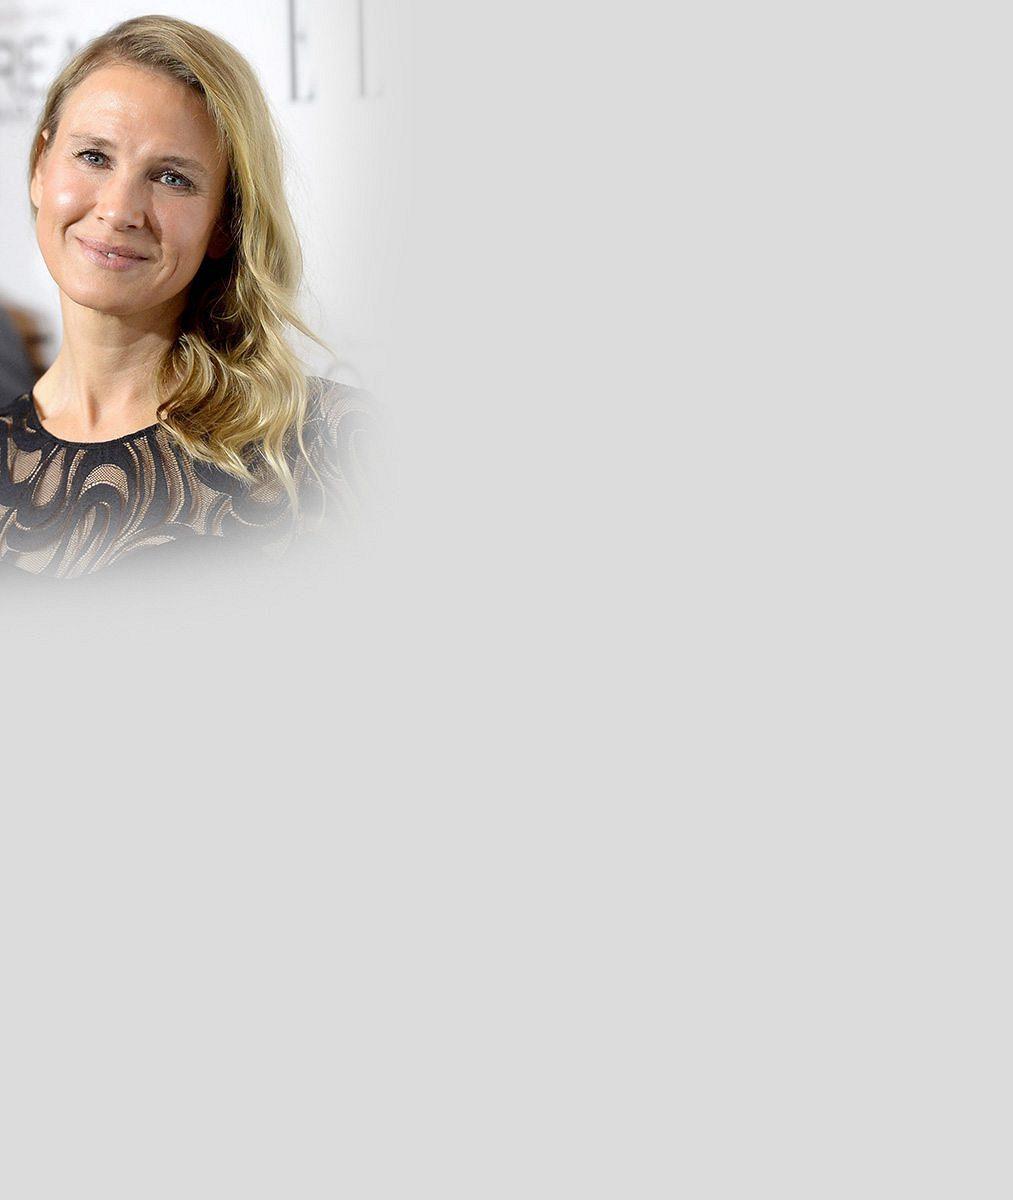 Filmová Bridget Jones po drastické proměně: Jsem ráda, že mě lidé nepoznávají